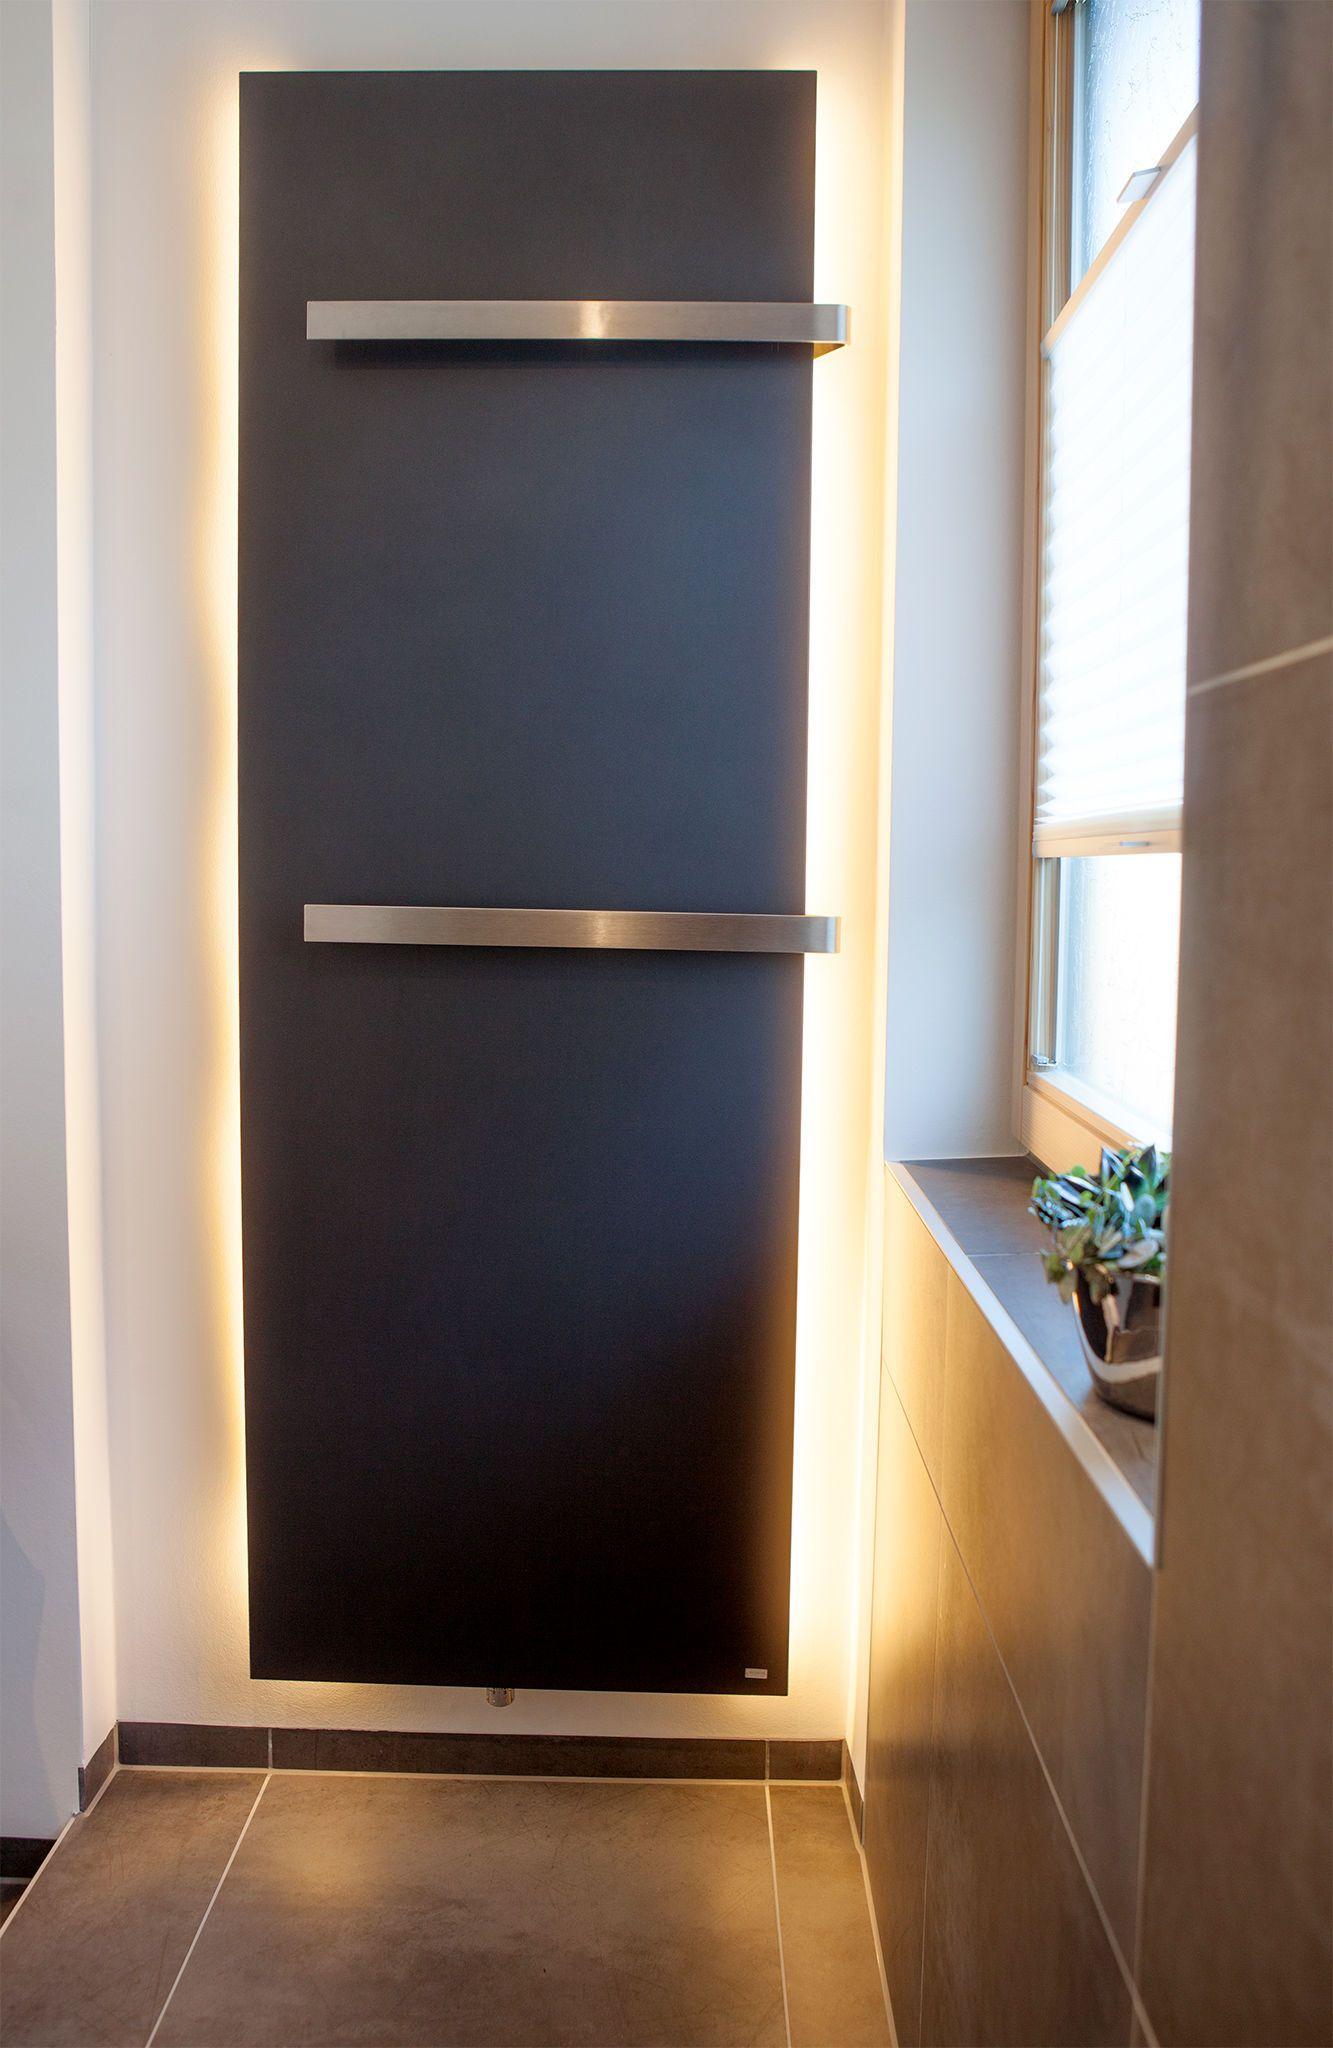 die besten 25 einbauschrank bauhaus ideen auf pinterest bauhaus t ren bauhaus haust ren und. Black Bedroom Furniture Sets. Home Design Ideas